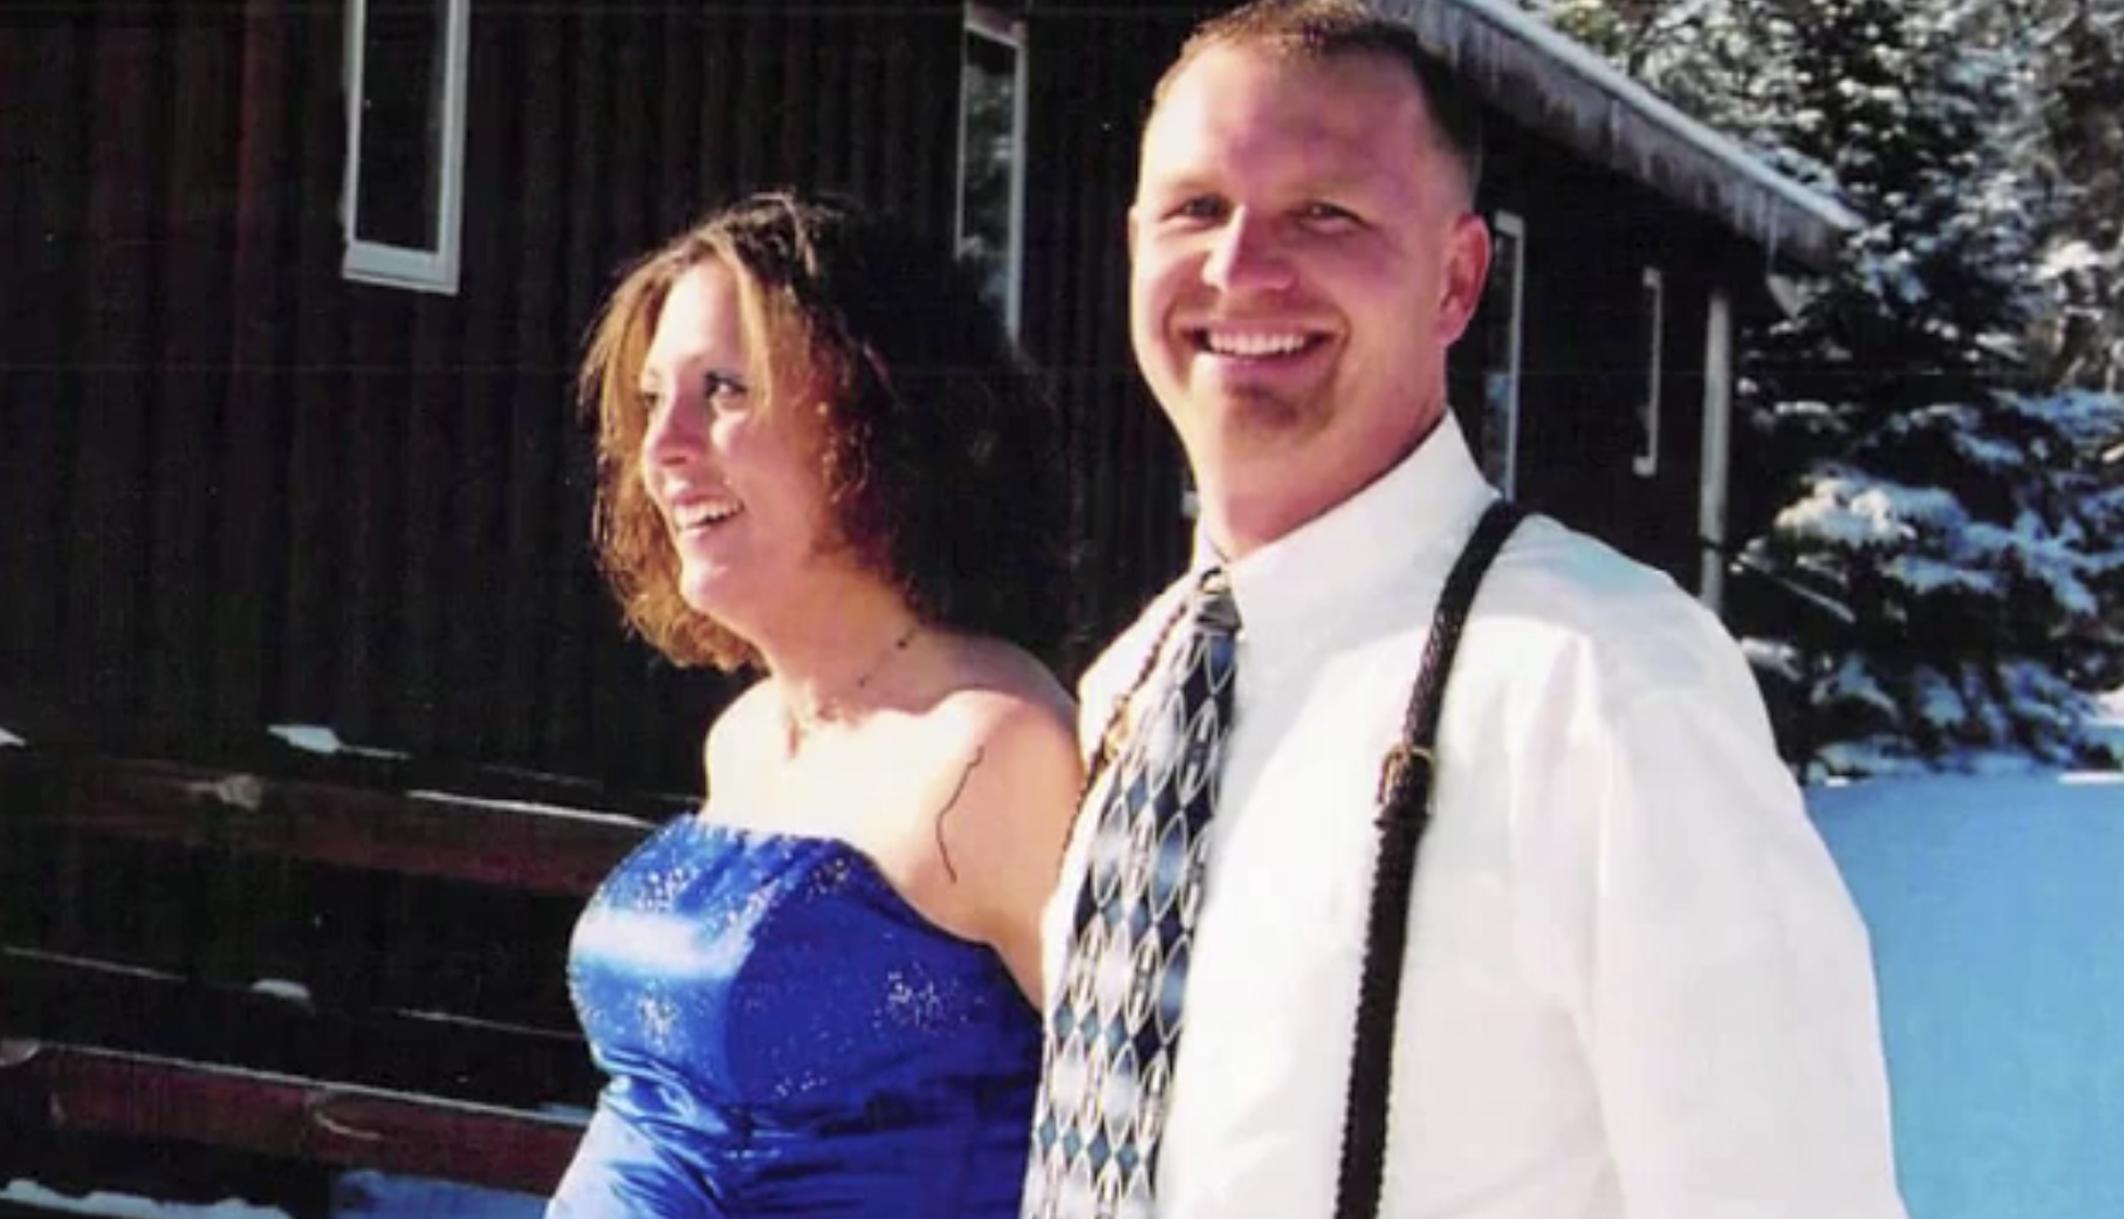 Hombre se convierte en el mejor amigo que le disparó a su esposa: 'Solo esperaba que fuera una pesadilla'